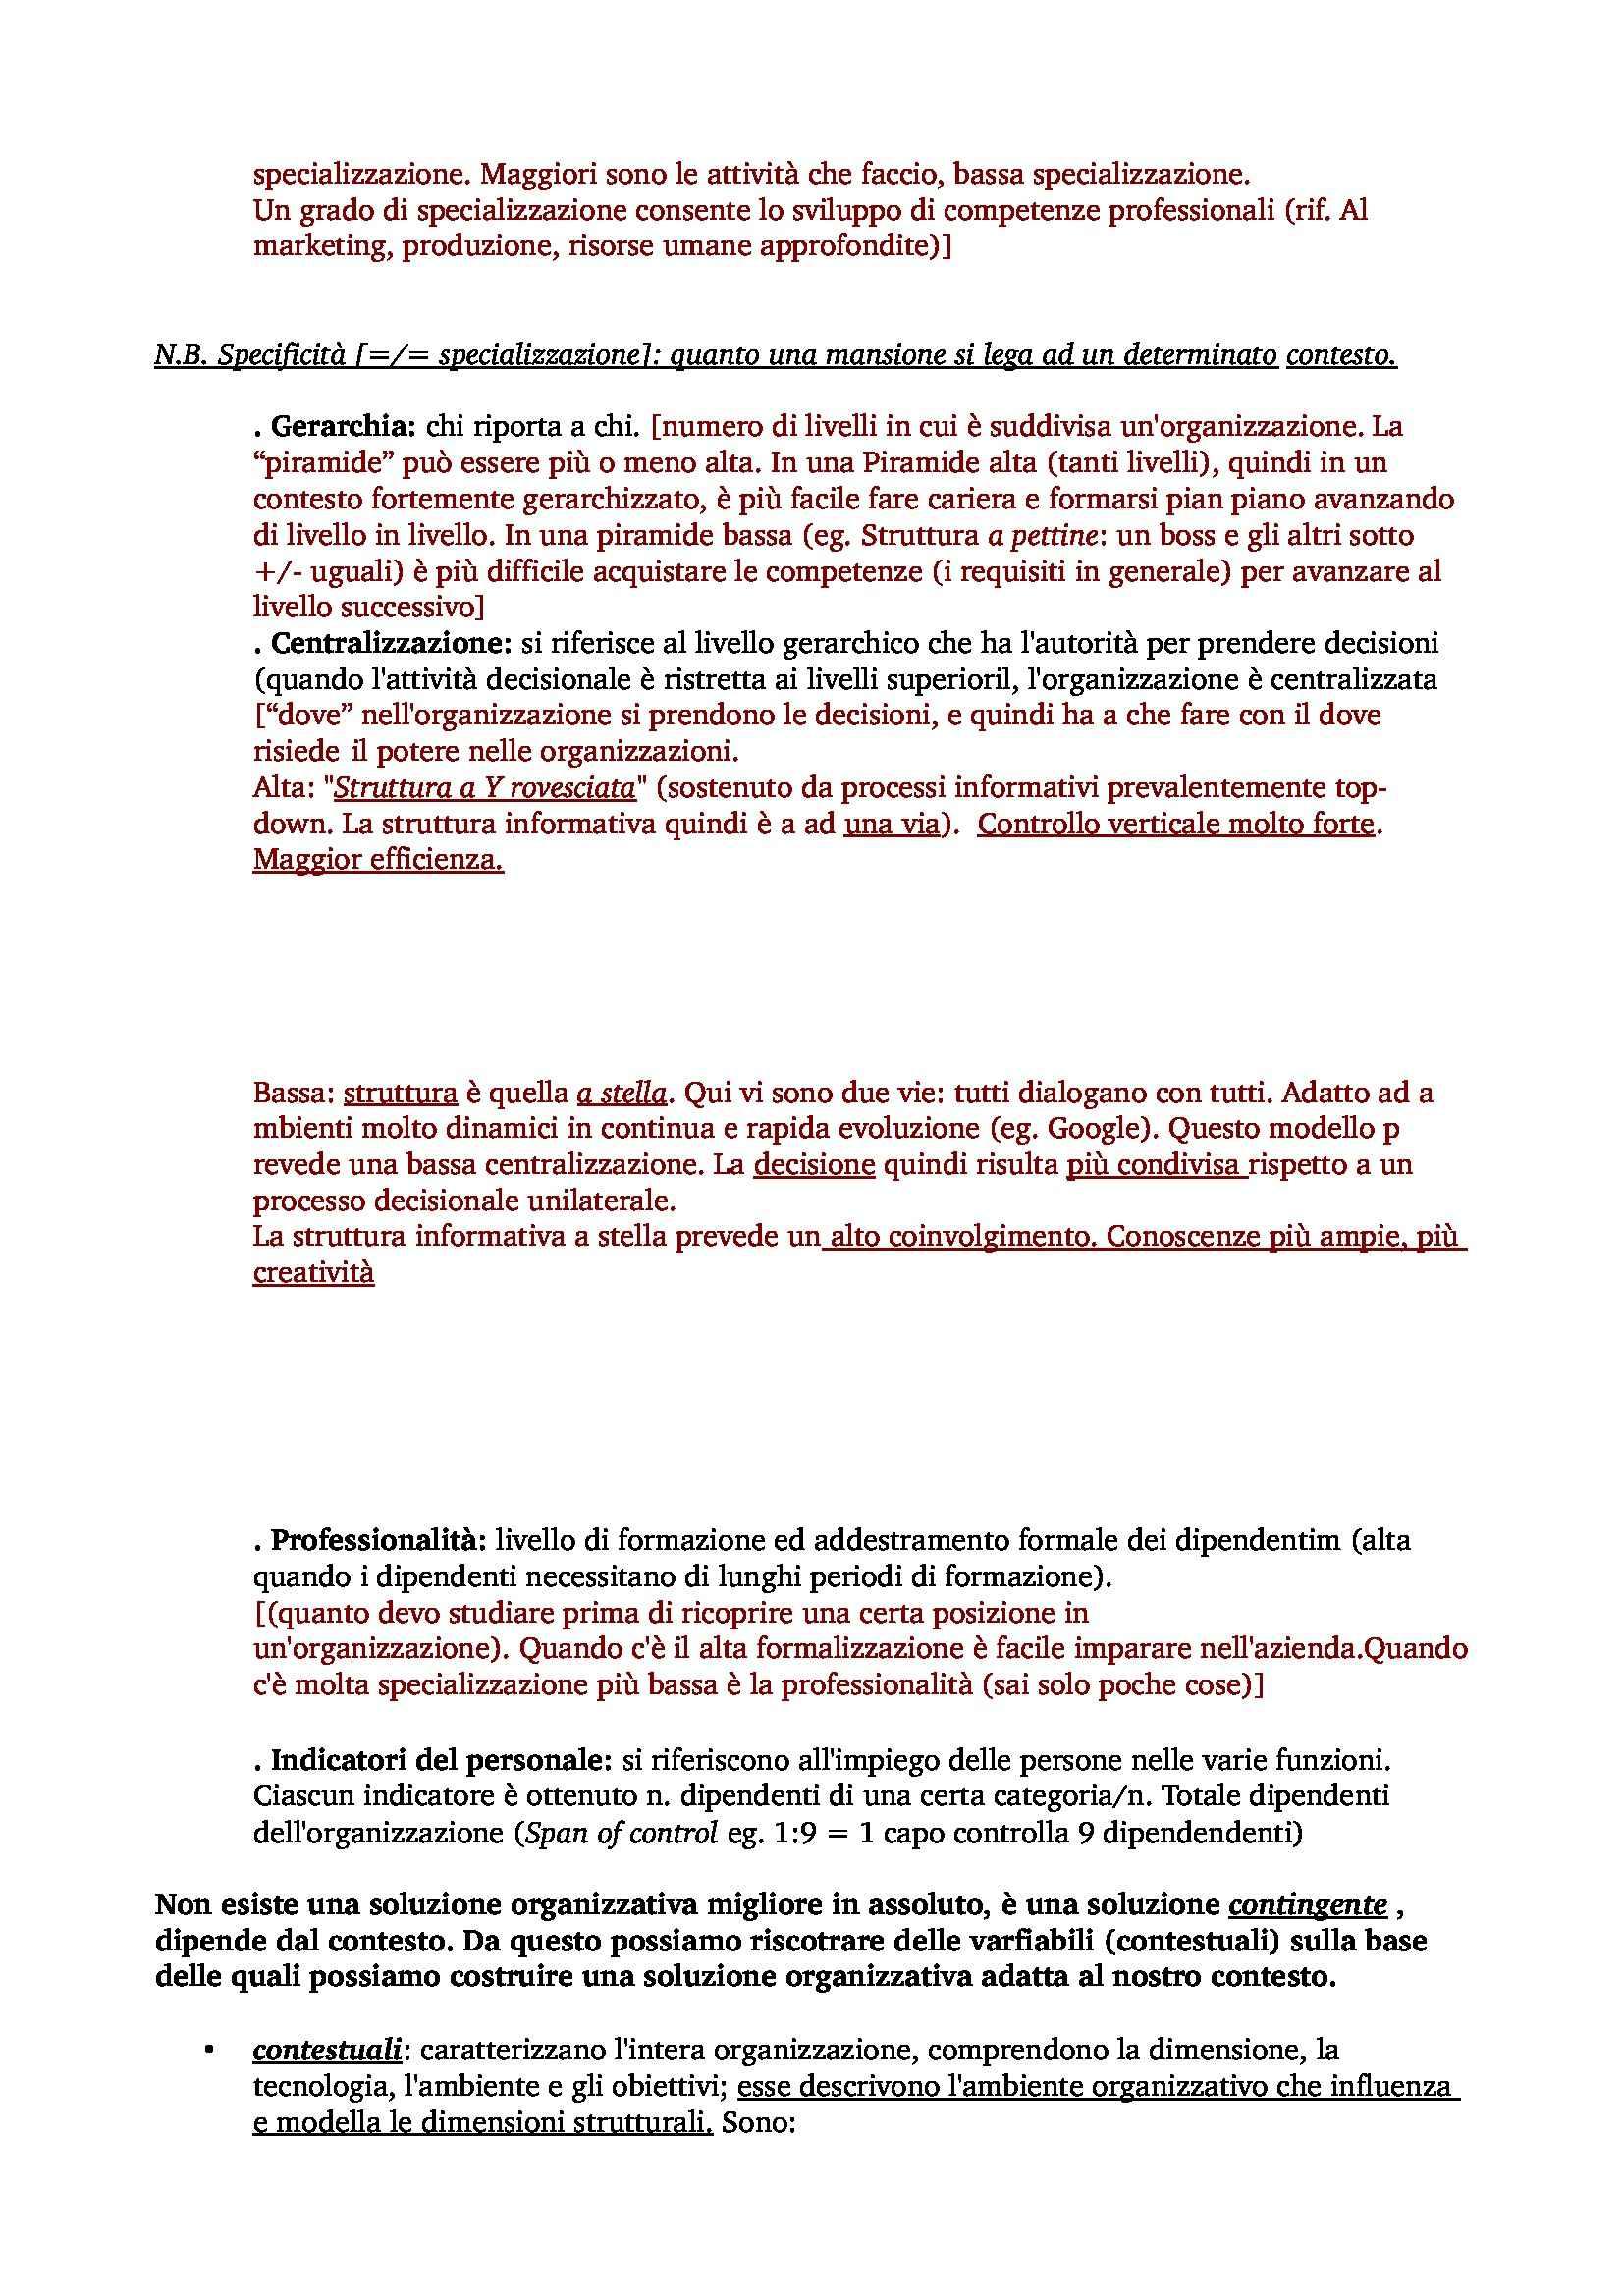 Organizzazione Aziendale - appunti frequentanti - prof.ssa B. Imperatori Pag. 2